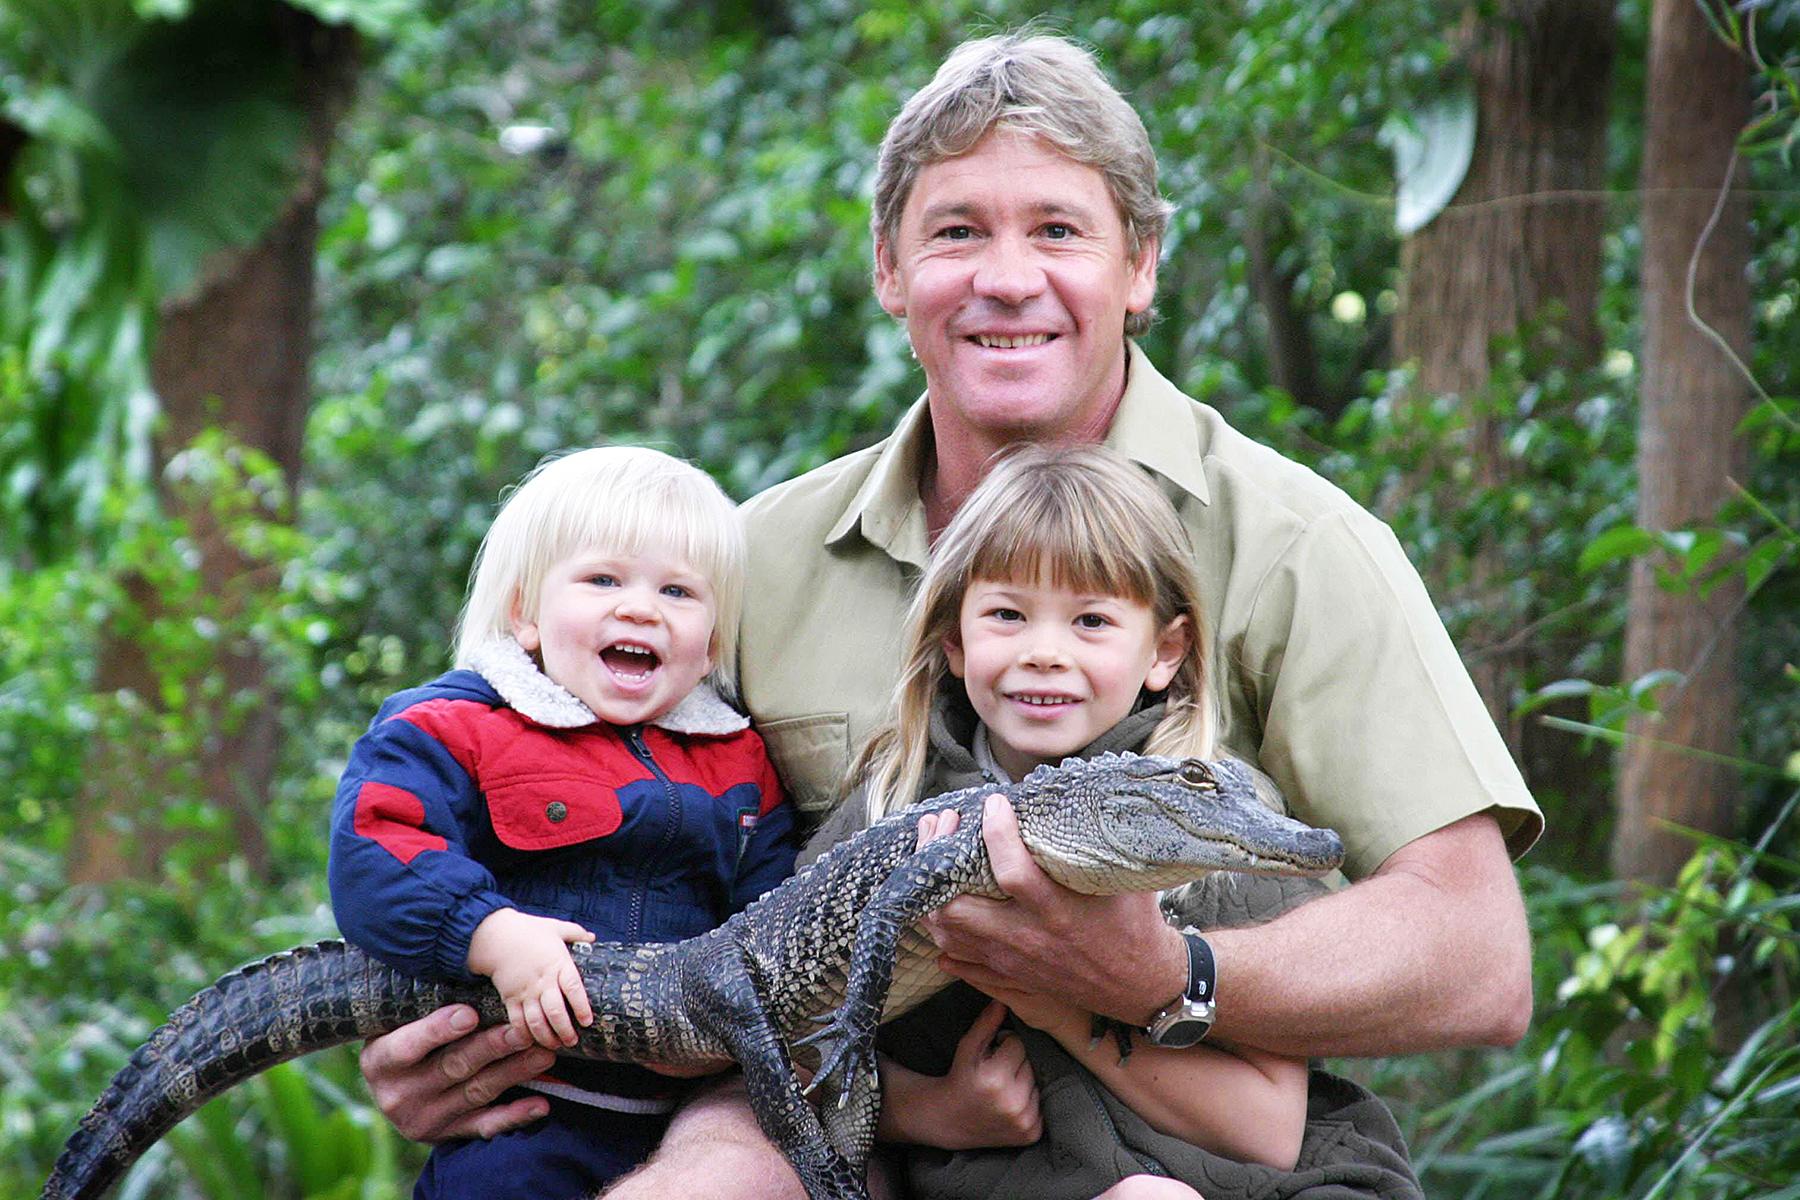 Robert Irwin Steve Irwin Bindi Irwin